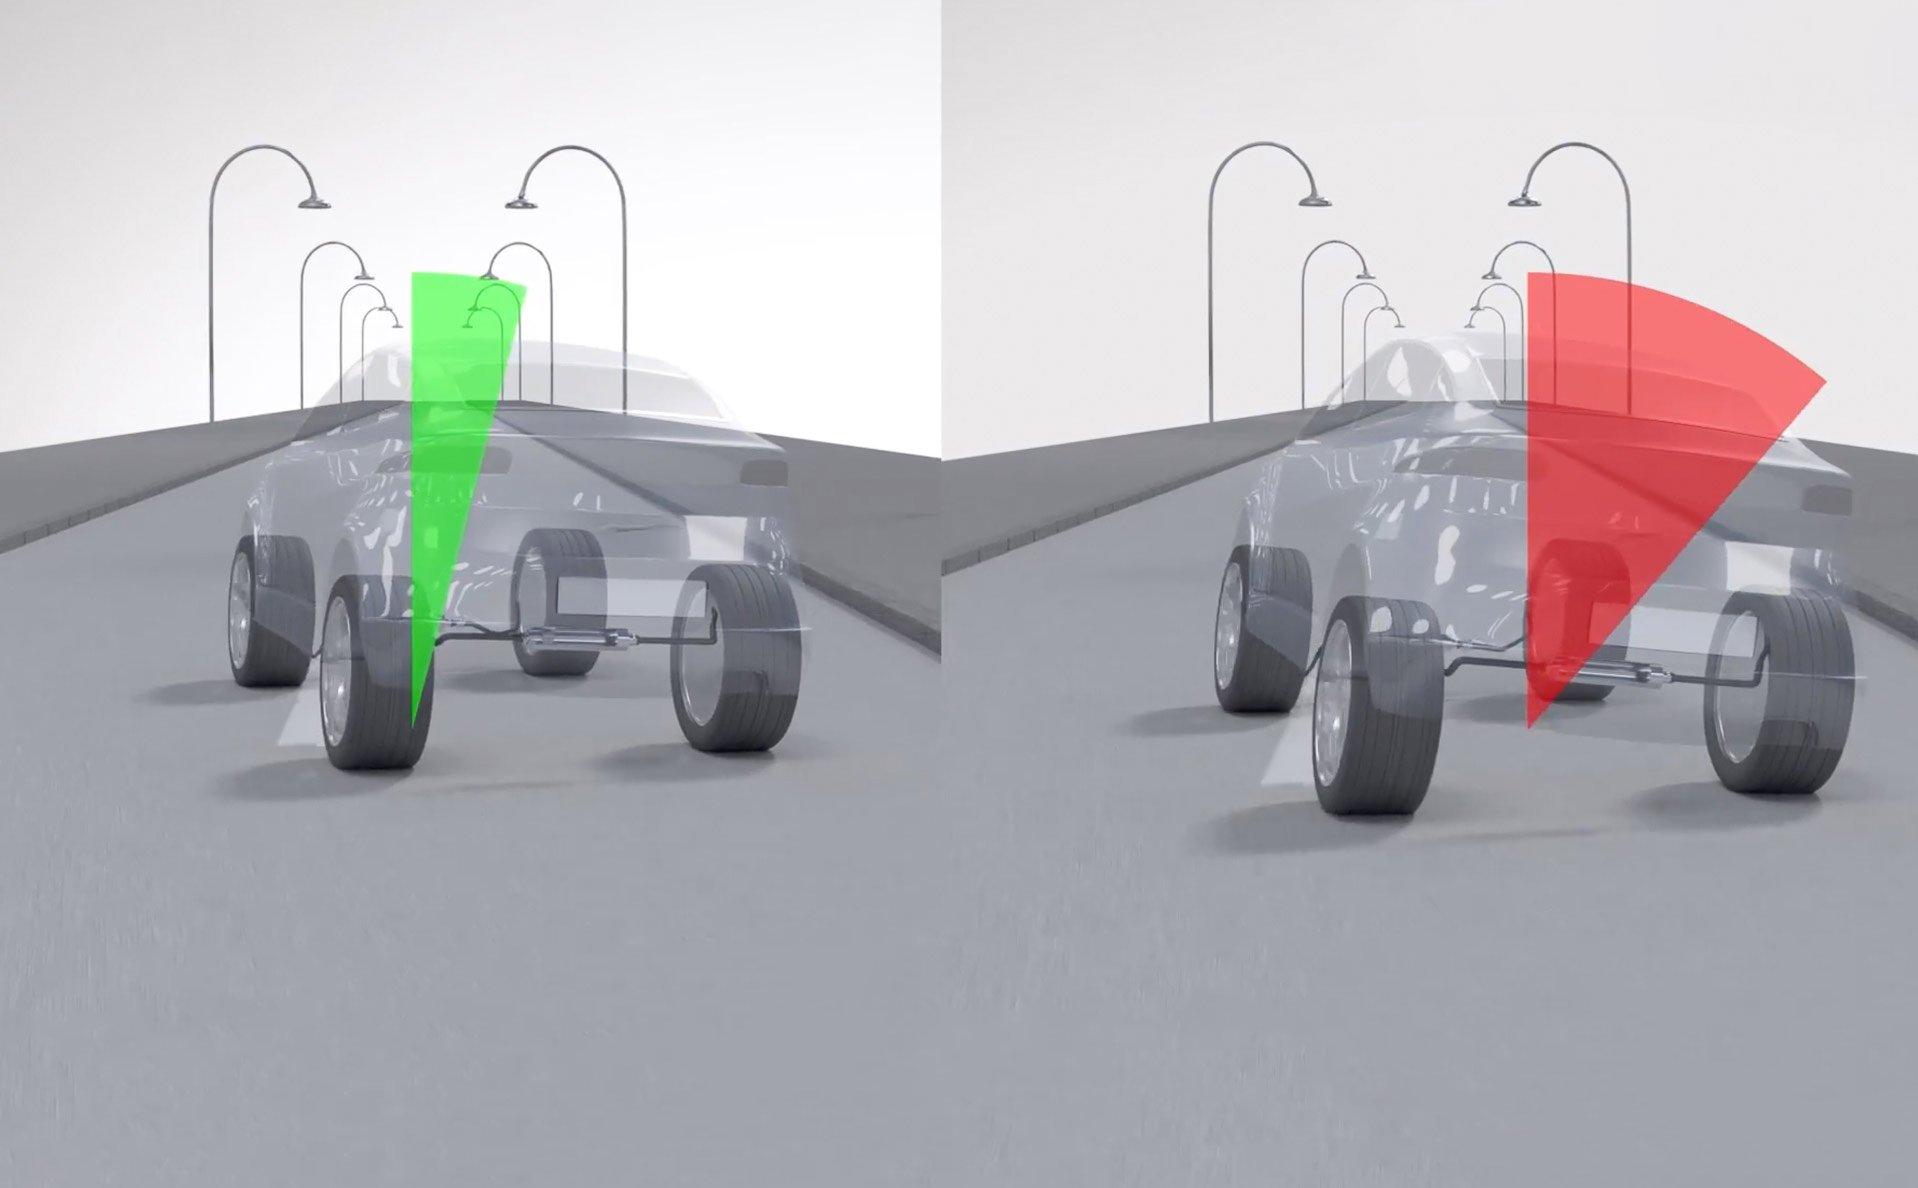 Một số trang bị cao cấp cho khung gầm ô tô, giúp xe lái ổn định